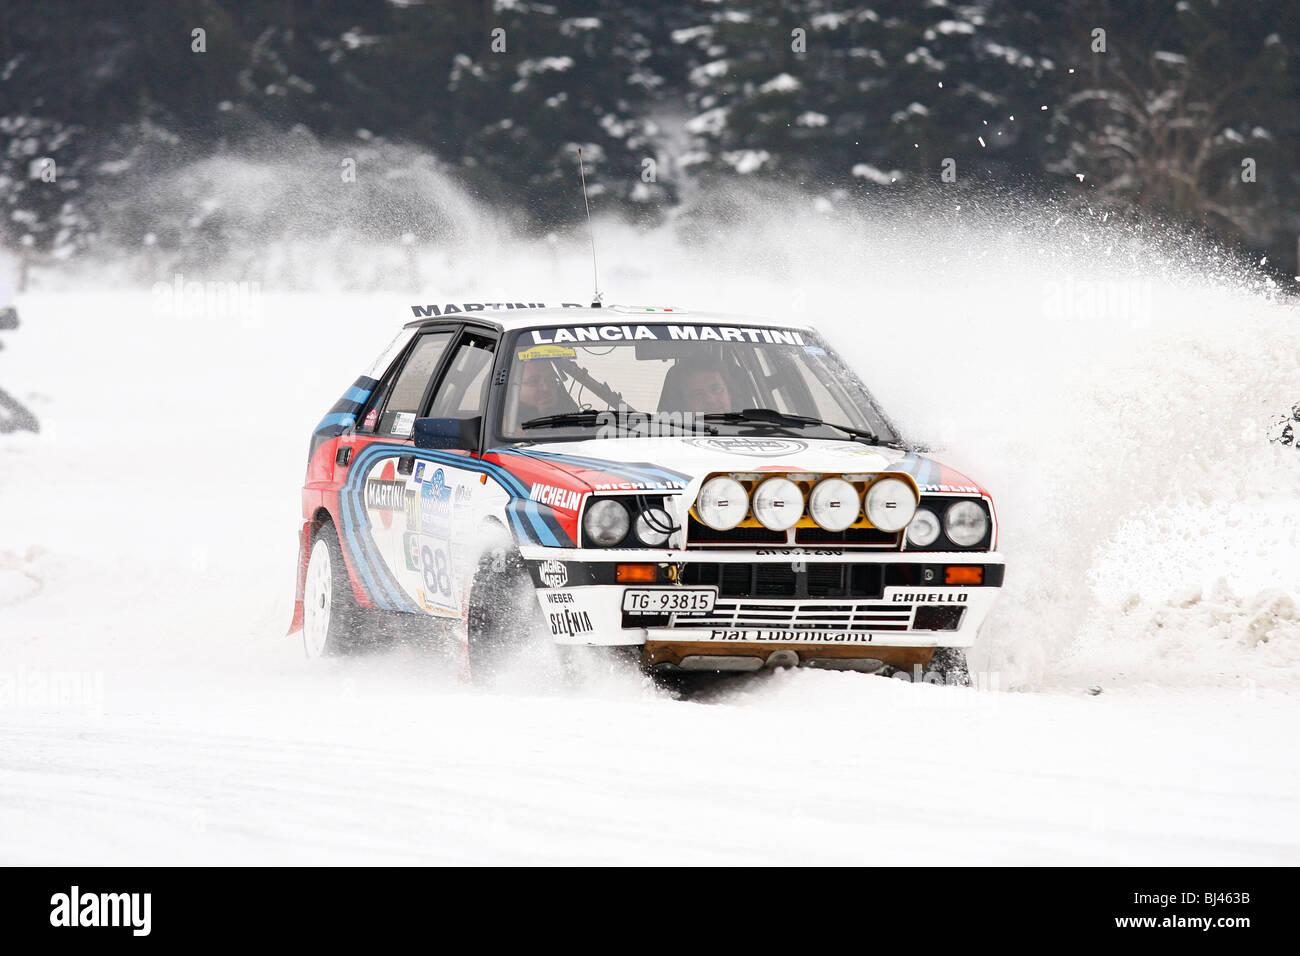 Lancia Delta Integrale Martini, former World Rally Championship ...